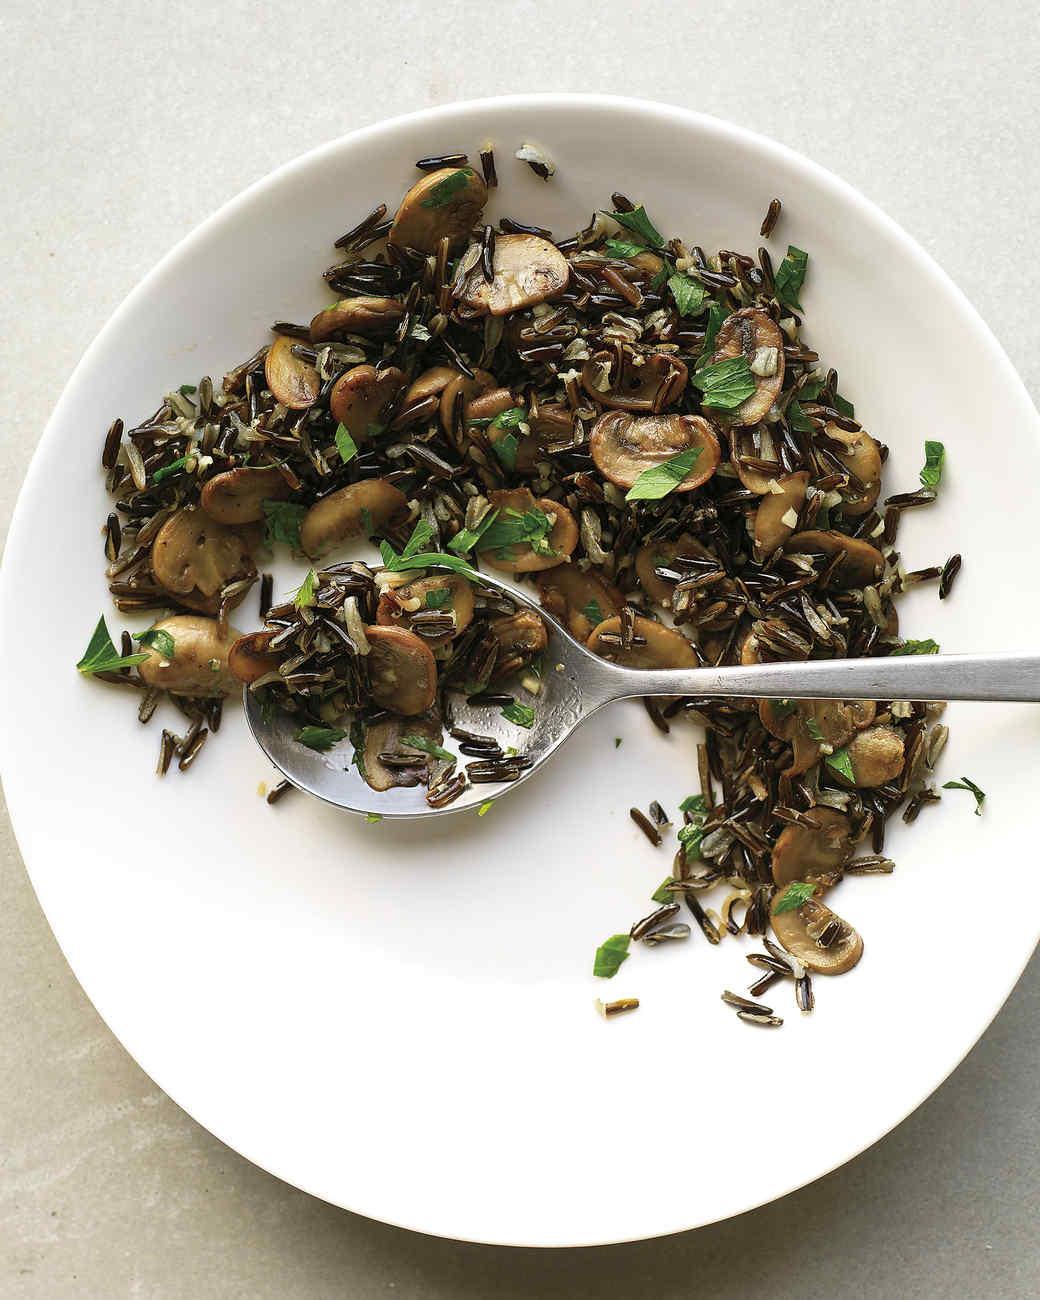 med105199_0310_rice_mushrooms.jpg